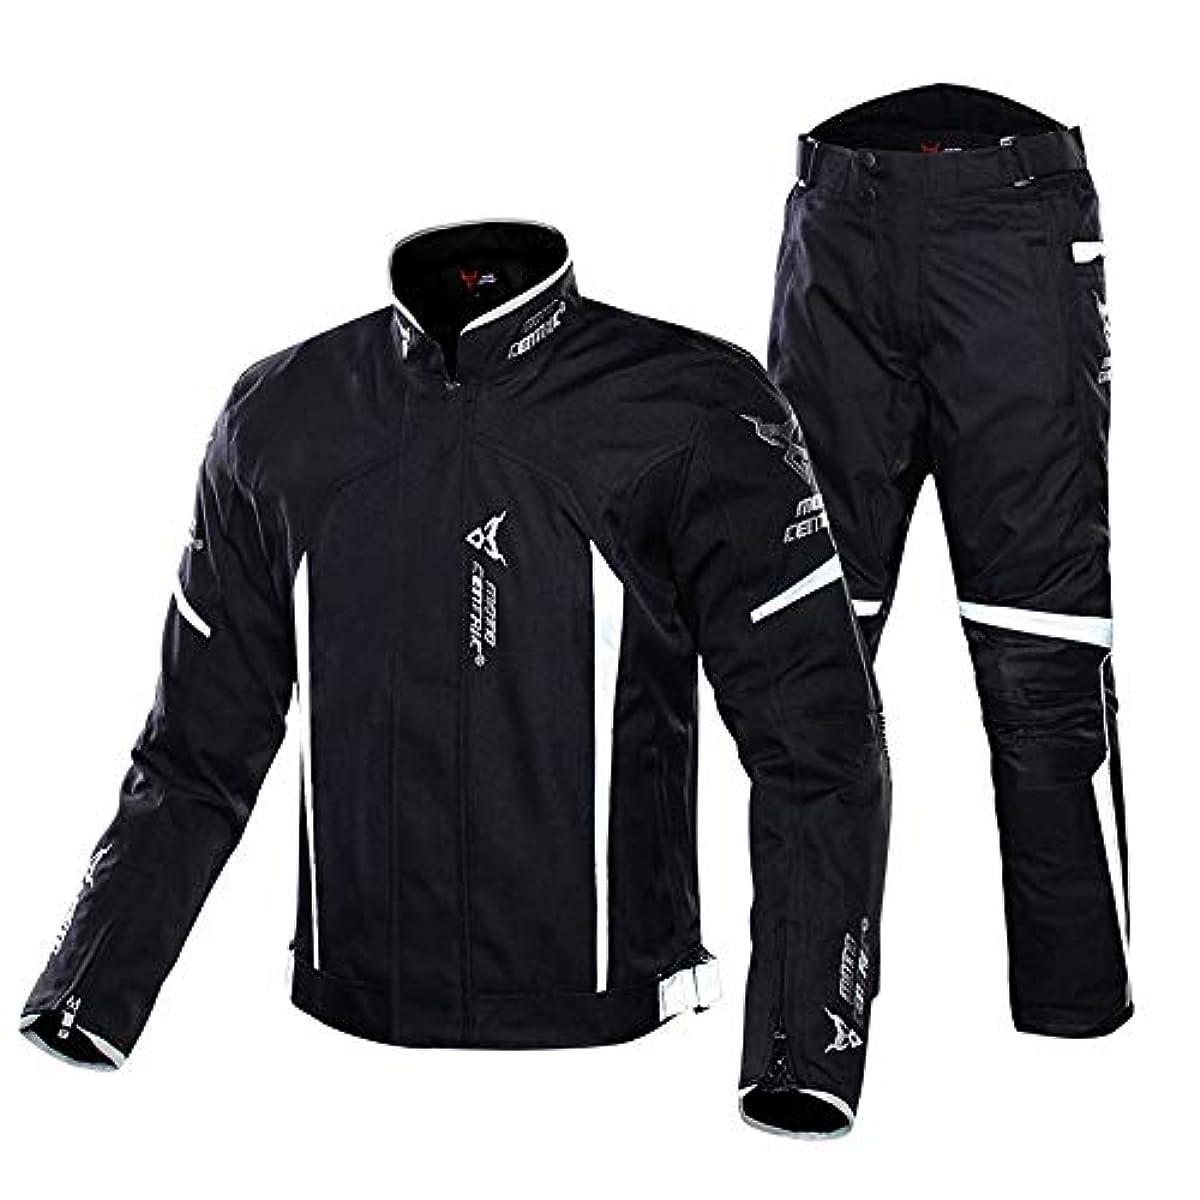 [해외] 오토바이 재킷 상하 세트 맨즈 라이더스 재킷 사계절용 방수 방한방风프로텍터 부착 옥스포드 오토바이 웨어 4색